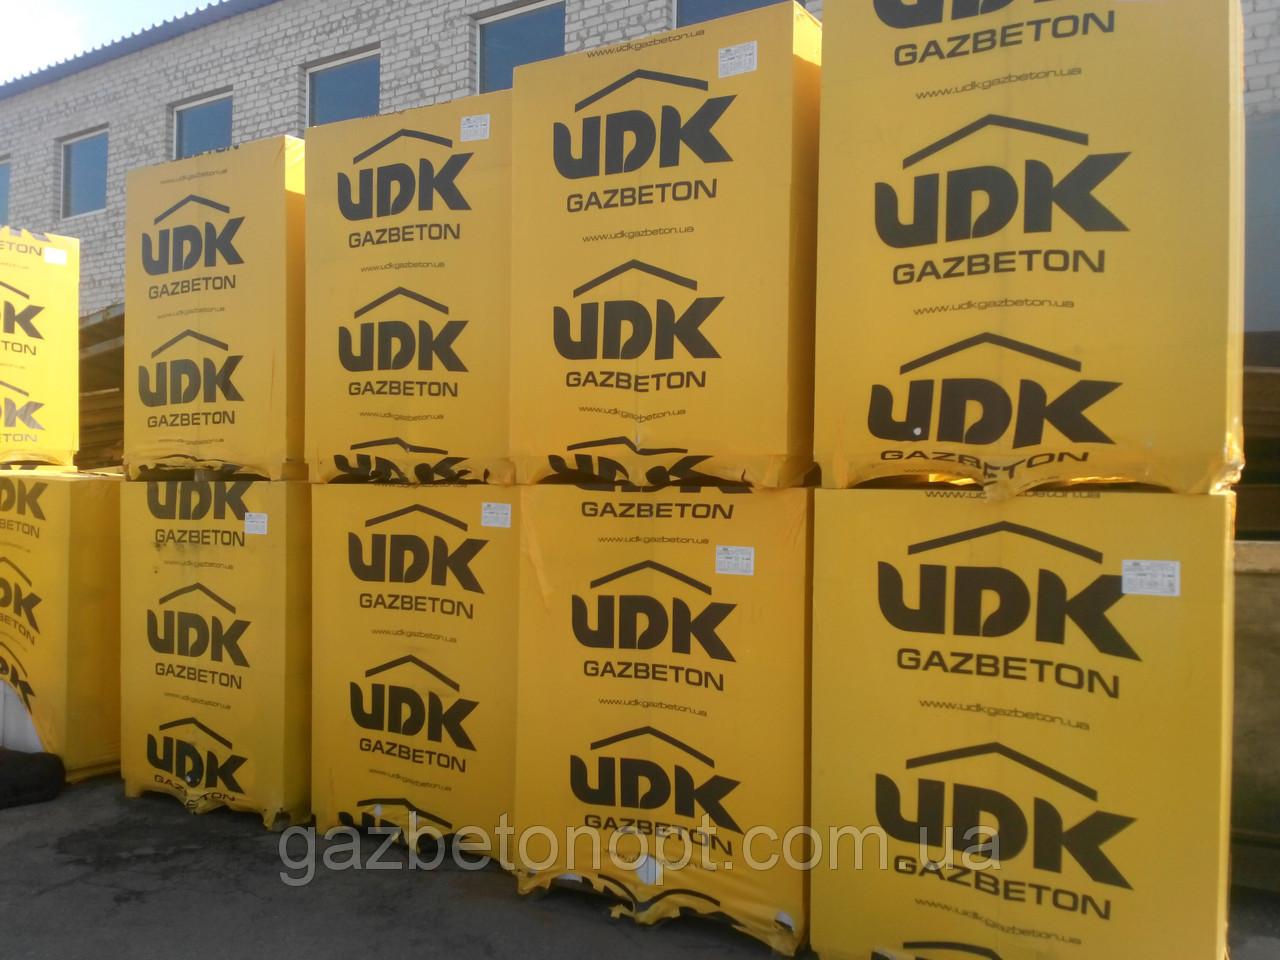 Газобетон, Газоблок, Газобетонные блоки ЮДК (UDK) 600*100*200 D400